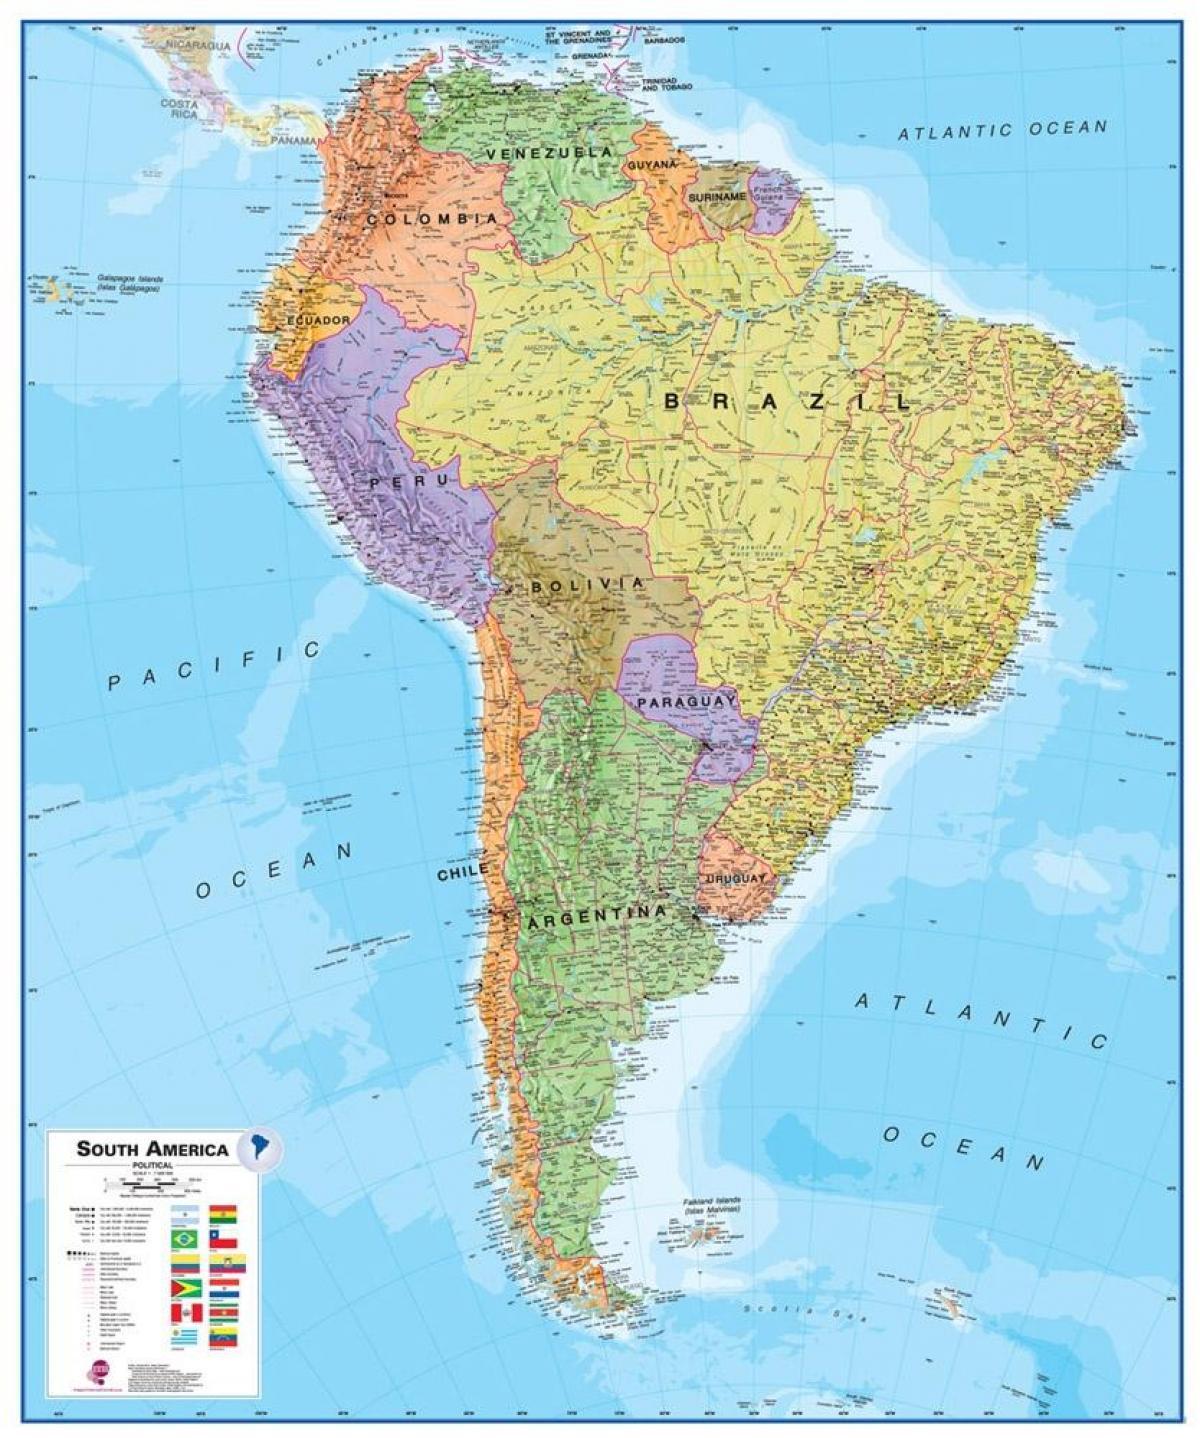 Mapa de Perú américa del sur - Mapa de Perú en américa del sur ...